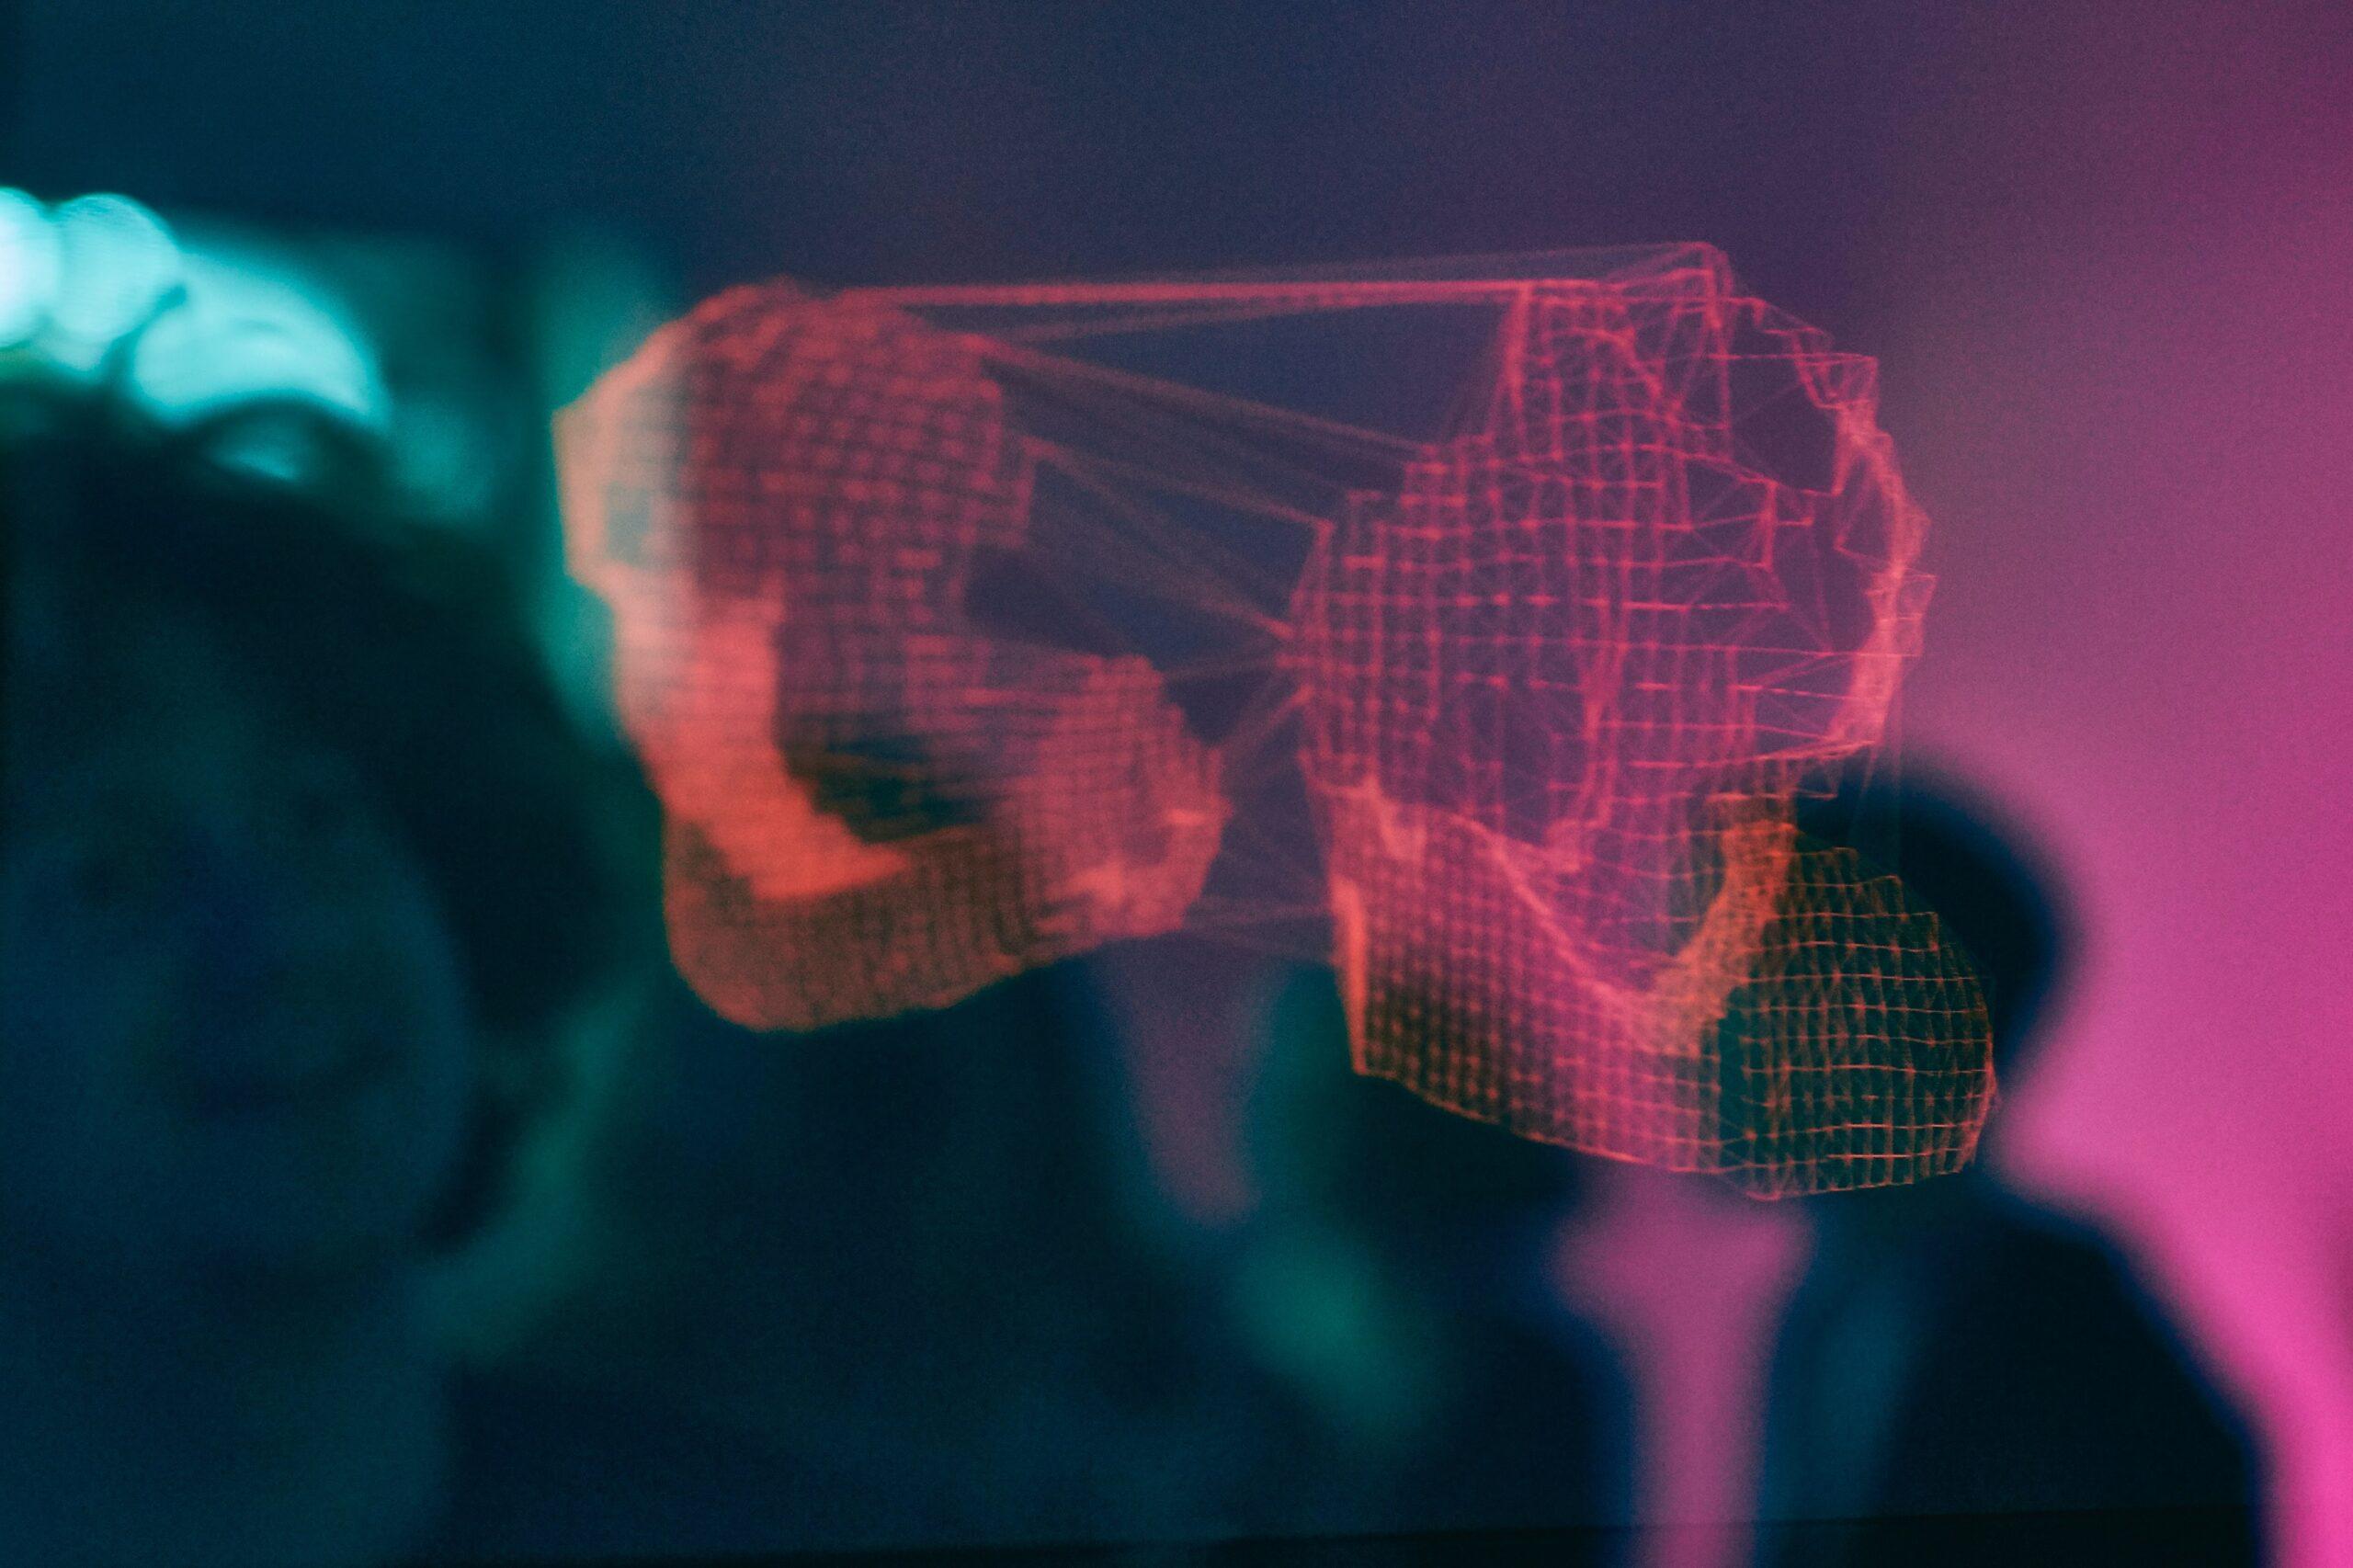 Tendências inovadoras: conheça a Convergência Biodigital